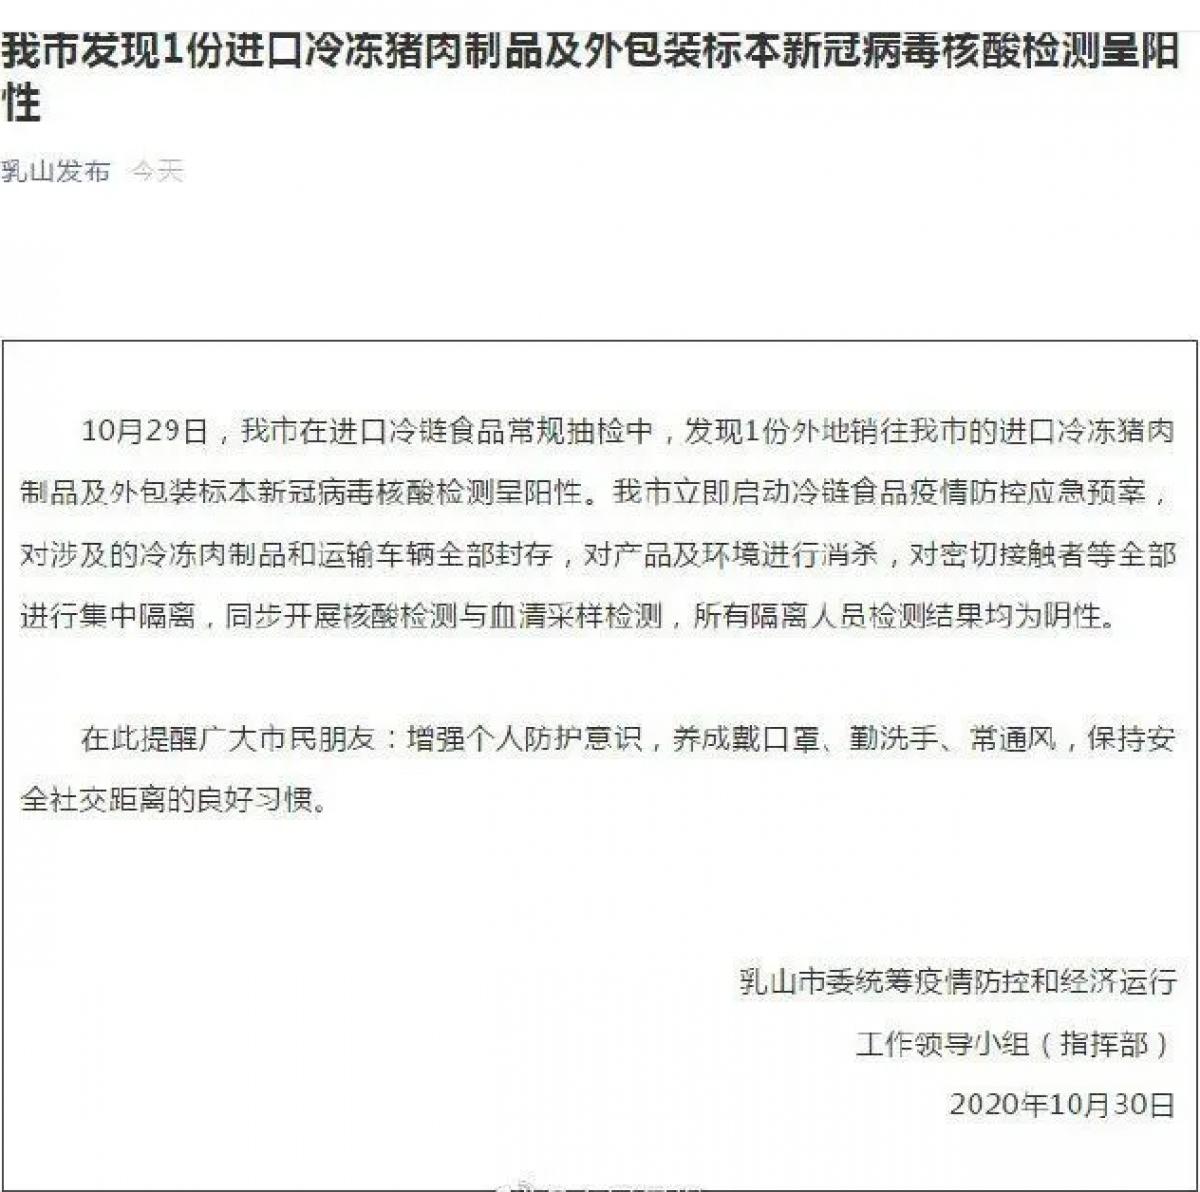 Thông báo của thành phố Nhũ Sơn về sản phẩm từ thịt lợn nhập khẩu dương tính với SARS-CoV-2 (ảnh chụp bản thông báo).